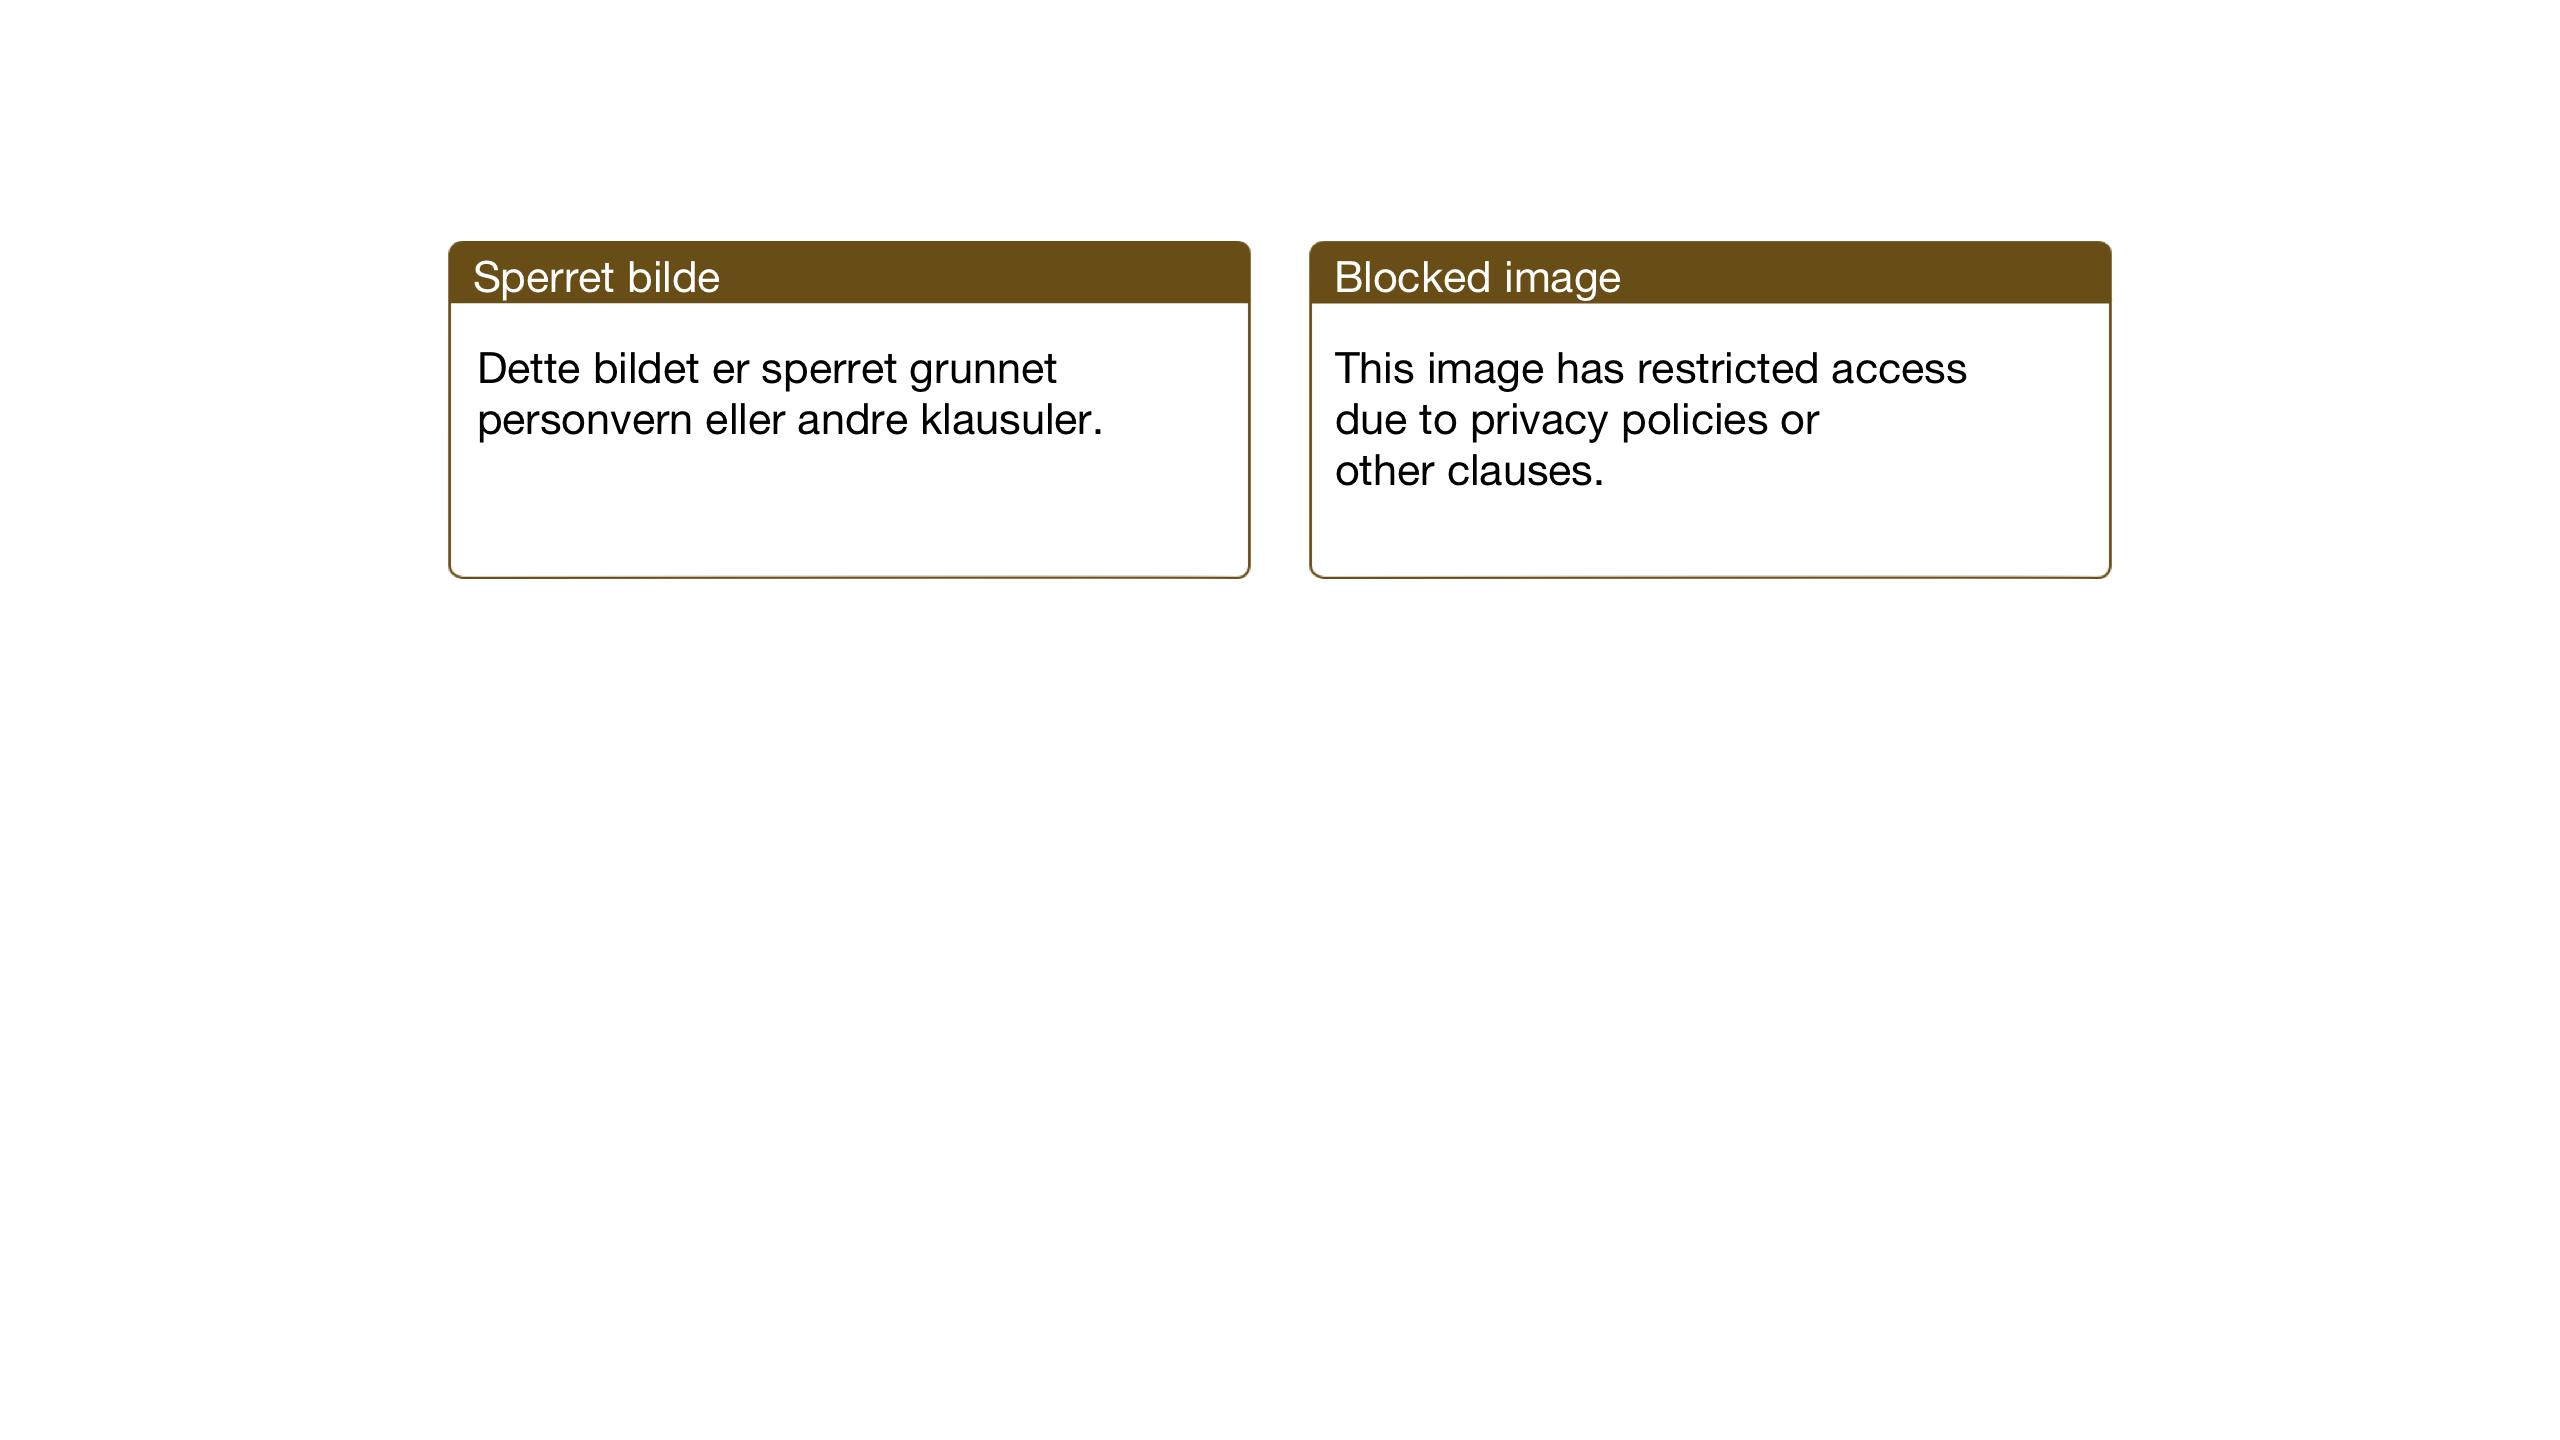 SAT, Ministerialprotokoller, klokkerbøker og fødselsregistre - Nord-Trøndelag, 786/L0689: Klokkerbok nr. 786C01, 1940-1948, s. 208-209